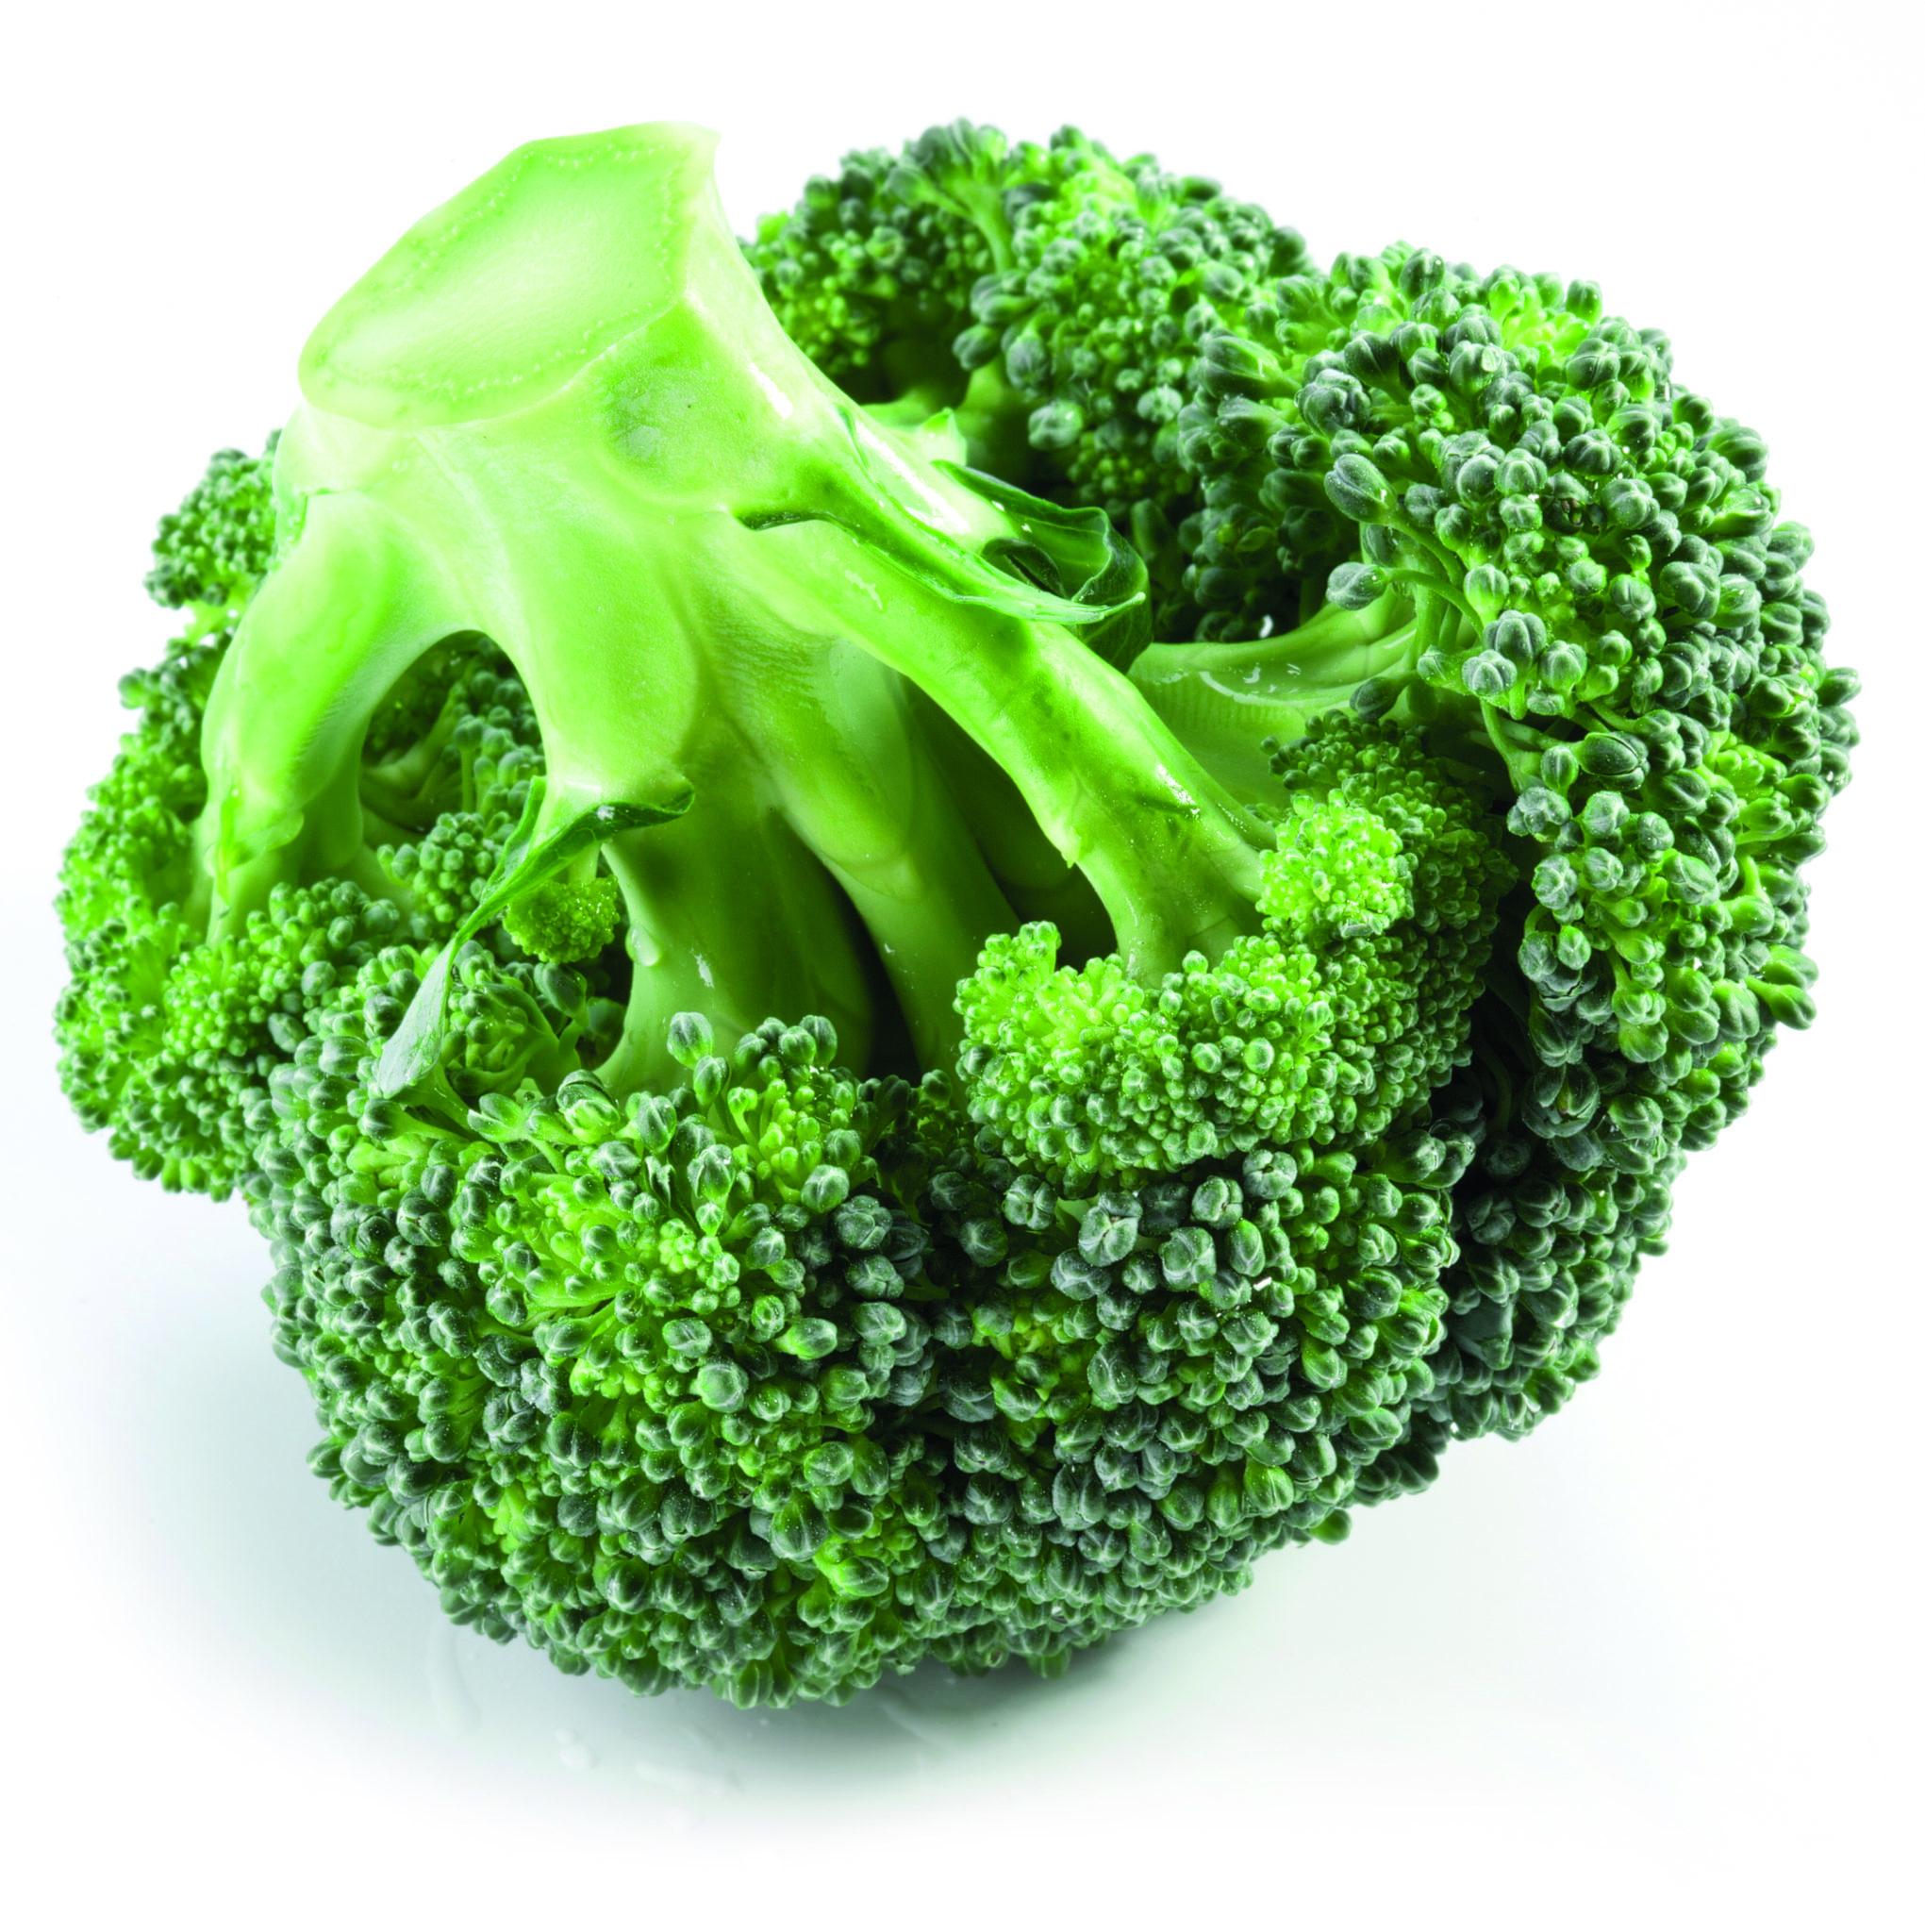 antyoksydanty w brokułach